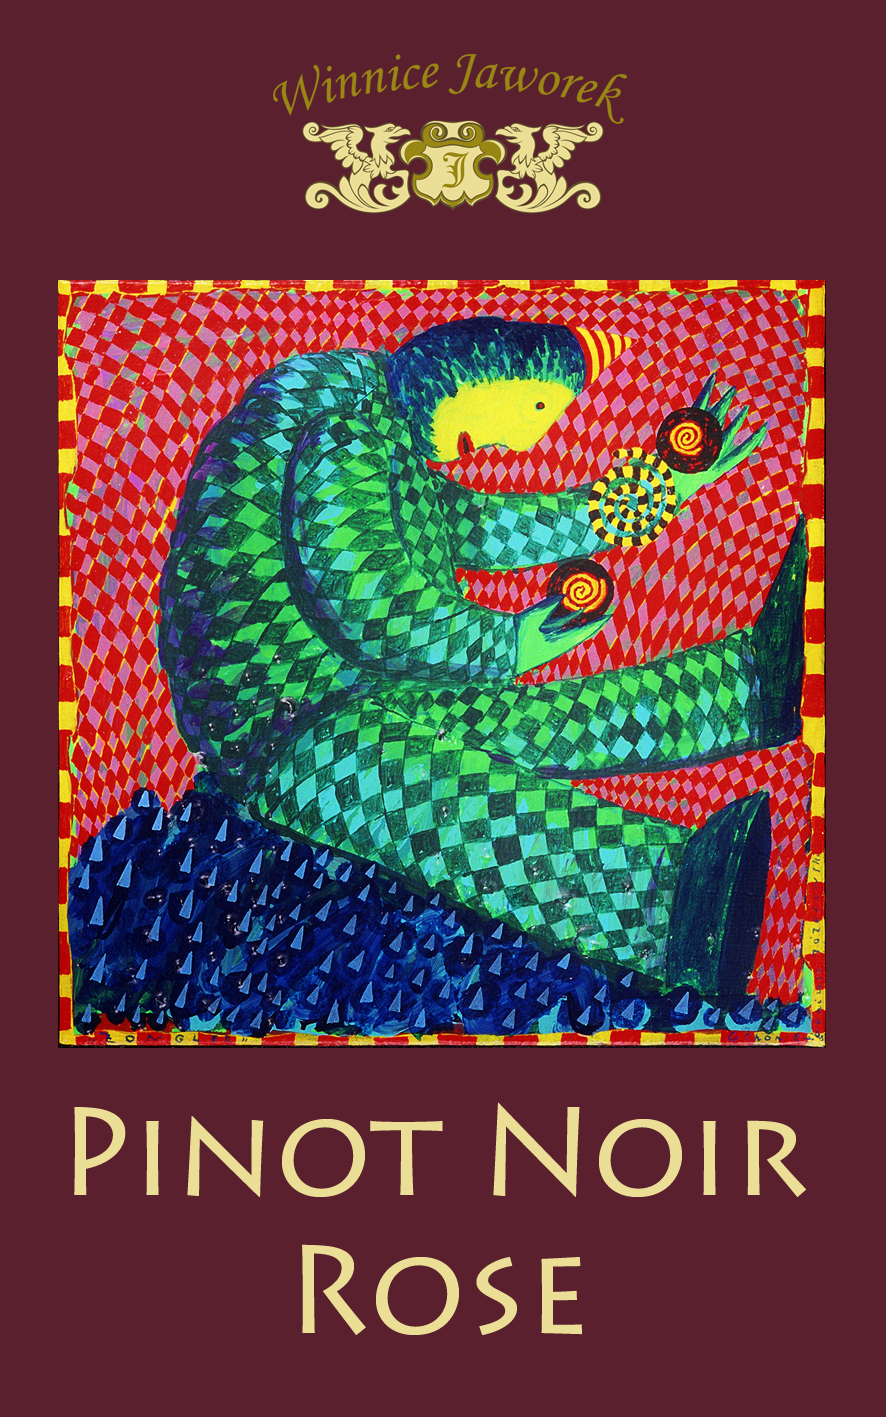 Winnice Jaworek Pinot Noir 2008